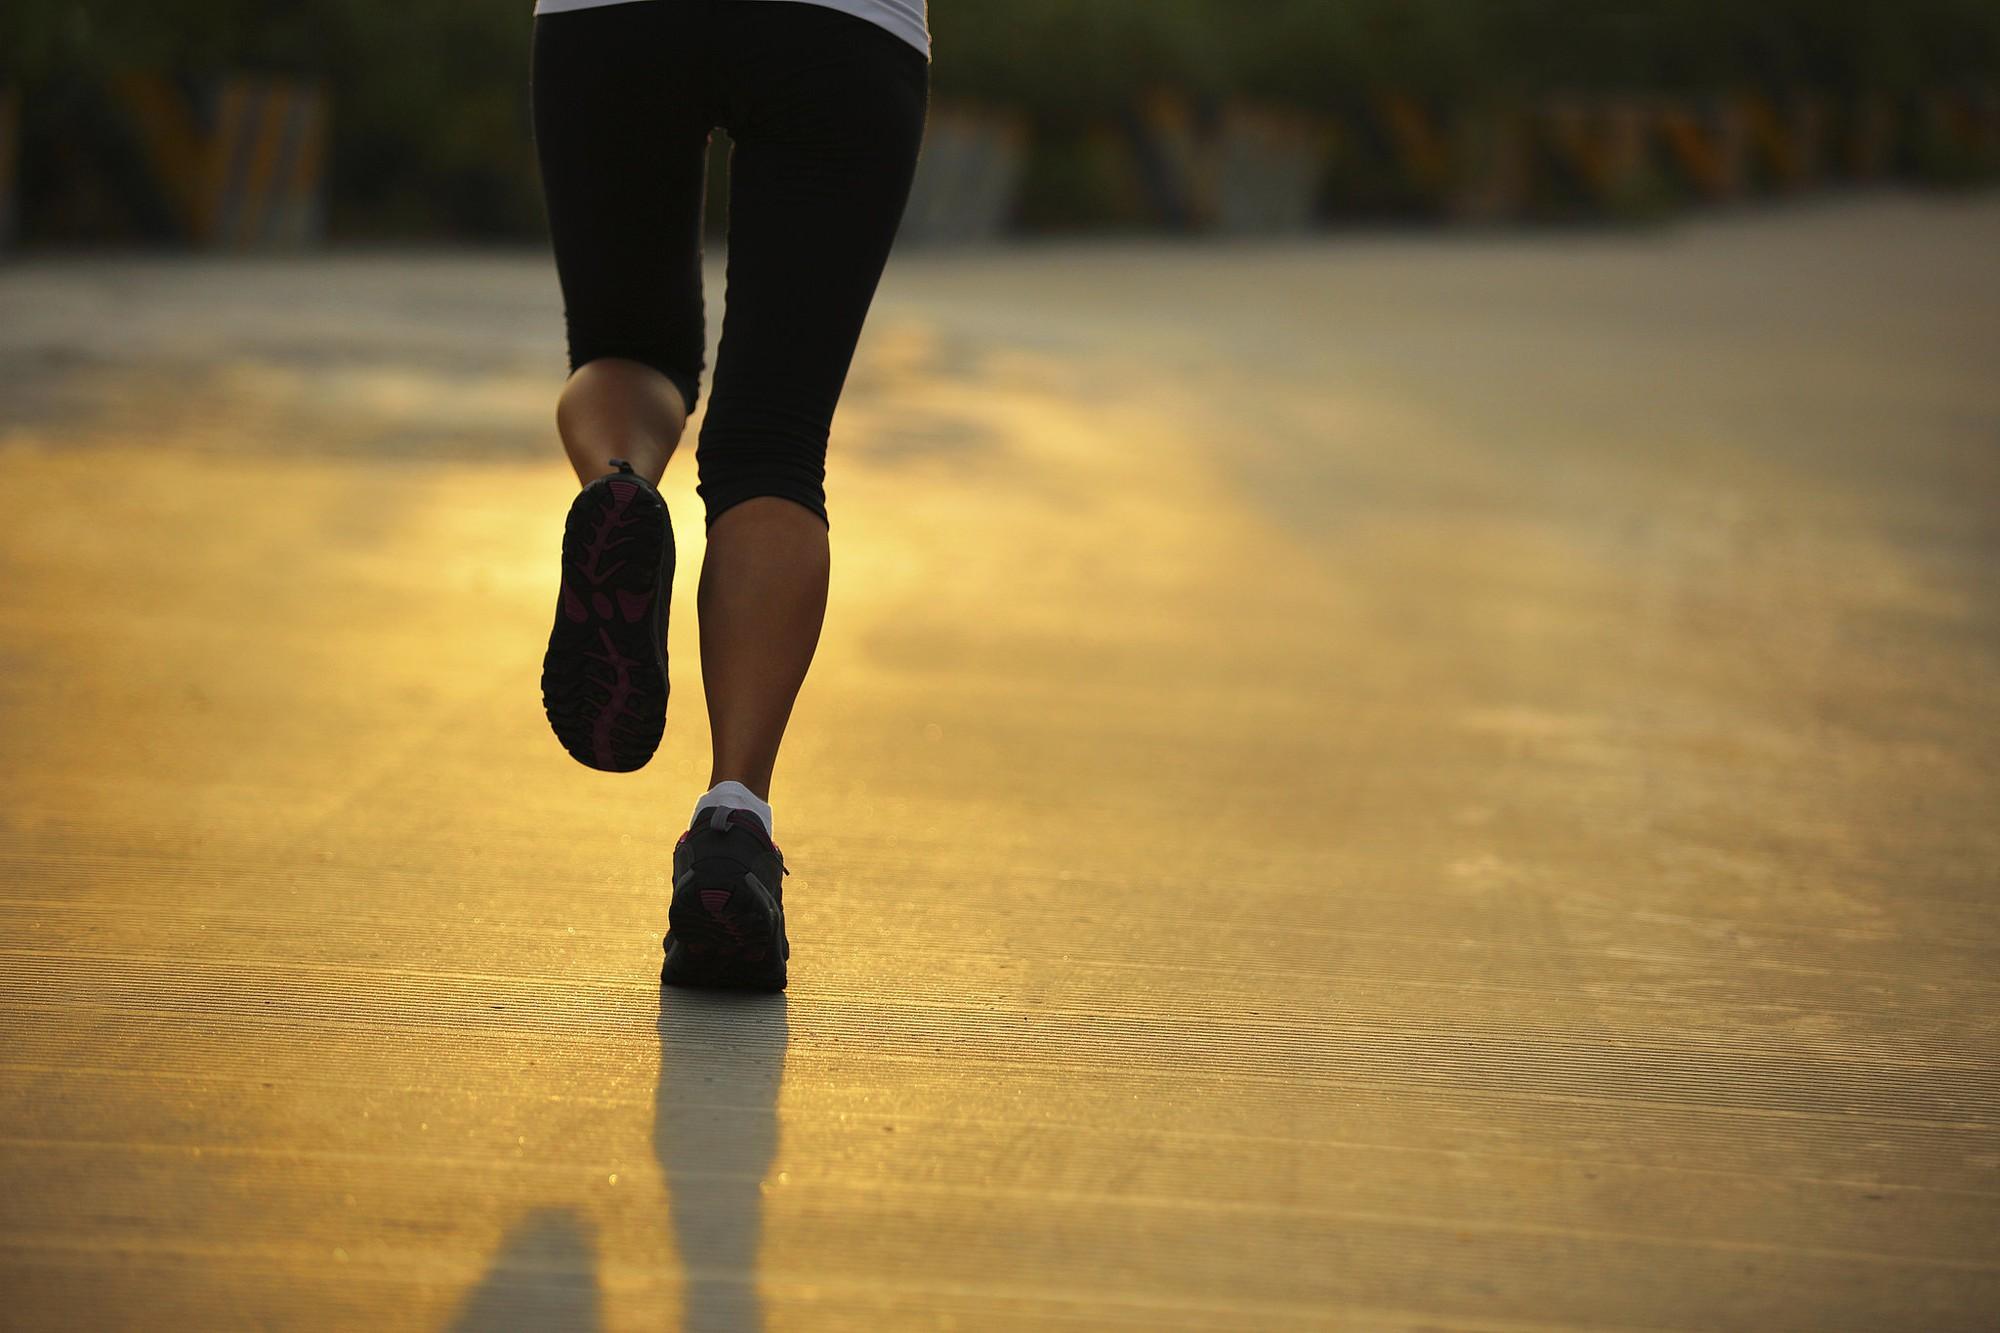 Tập thể dục trời lạnh nên lưu ý những điều sau để tránh đột quỵ-1